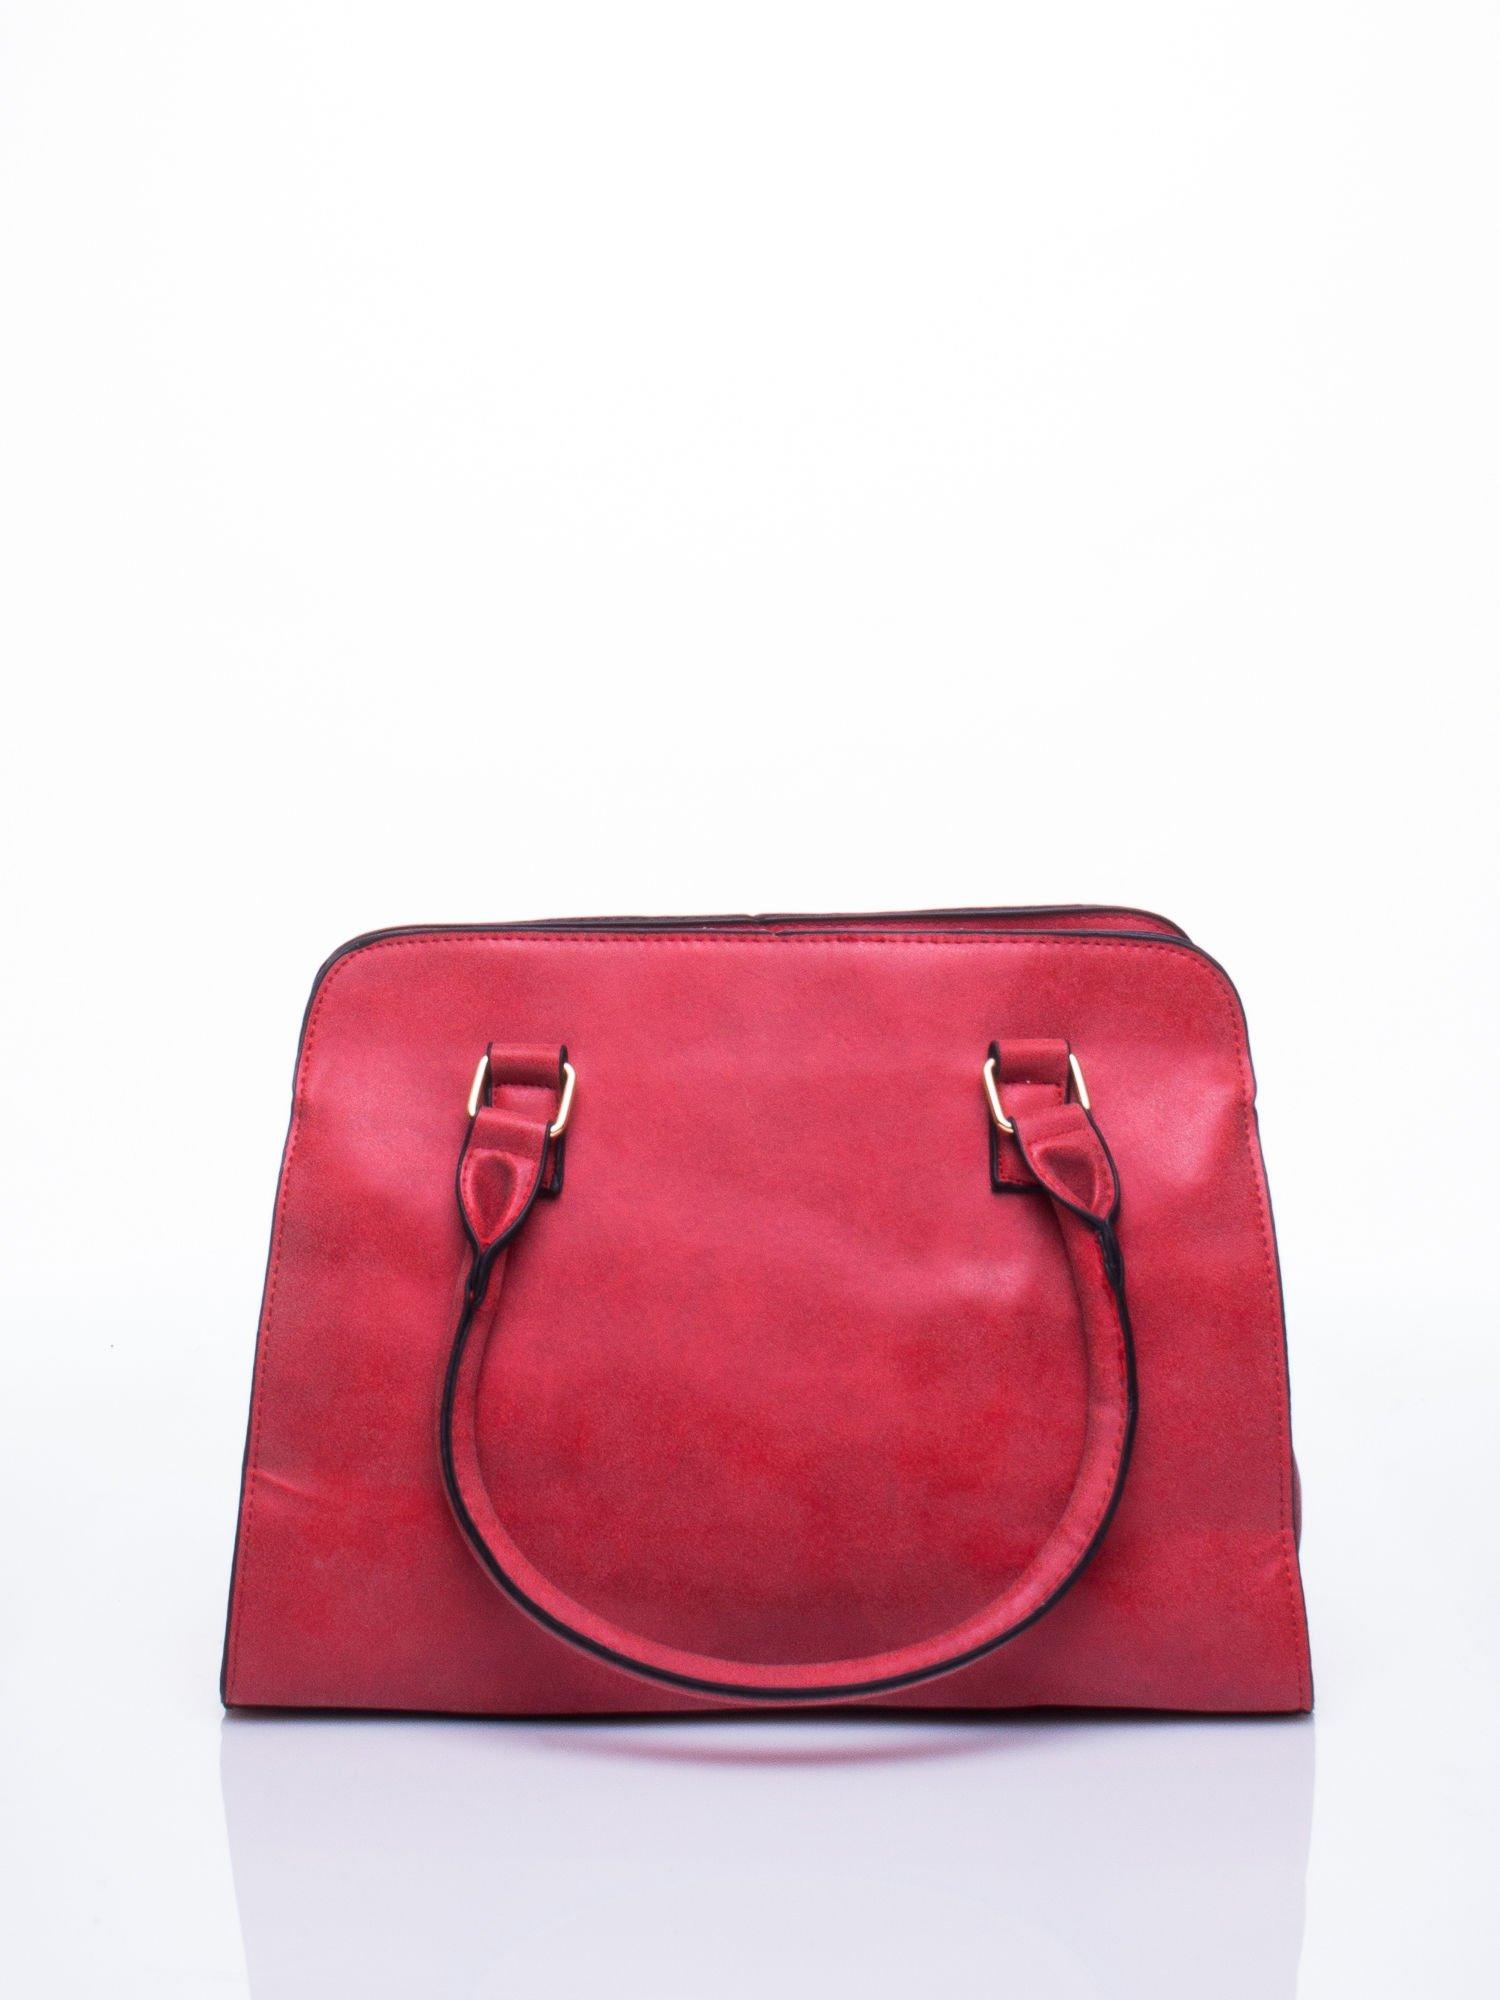 Czerwona torebka miejska z zawieszką                                  zdj.                                  3